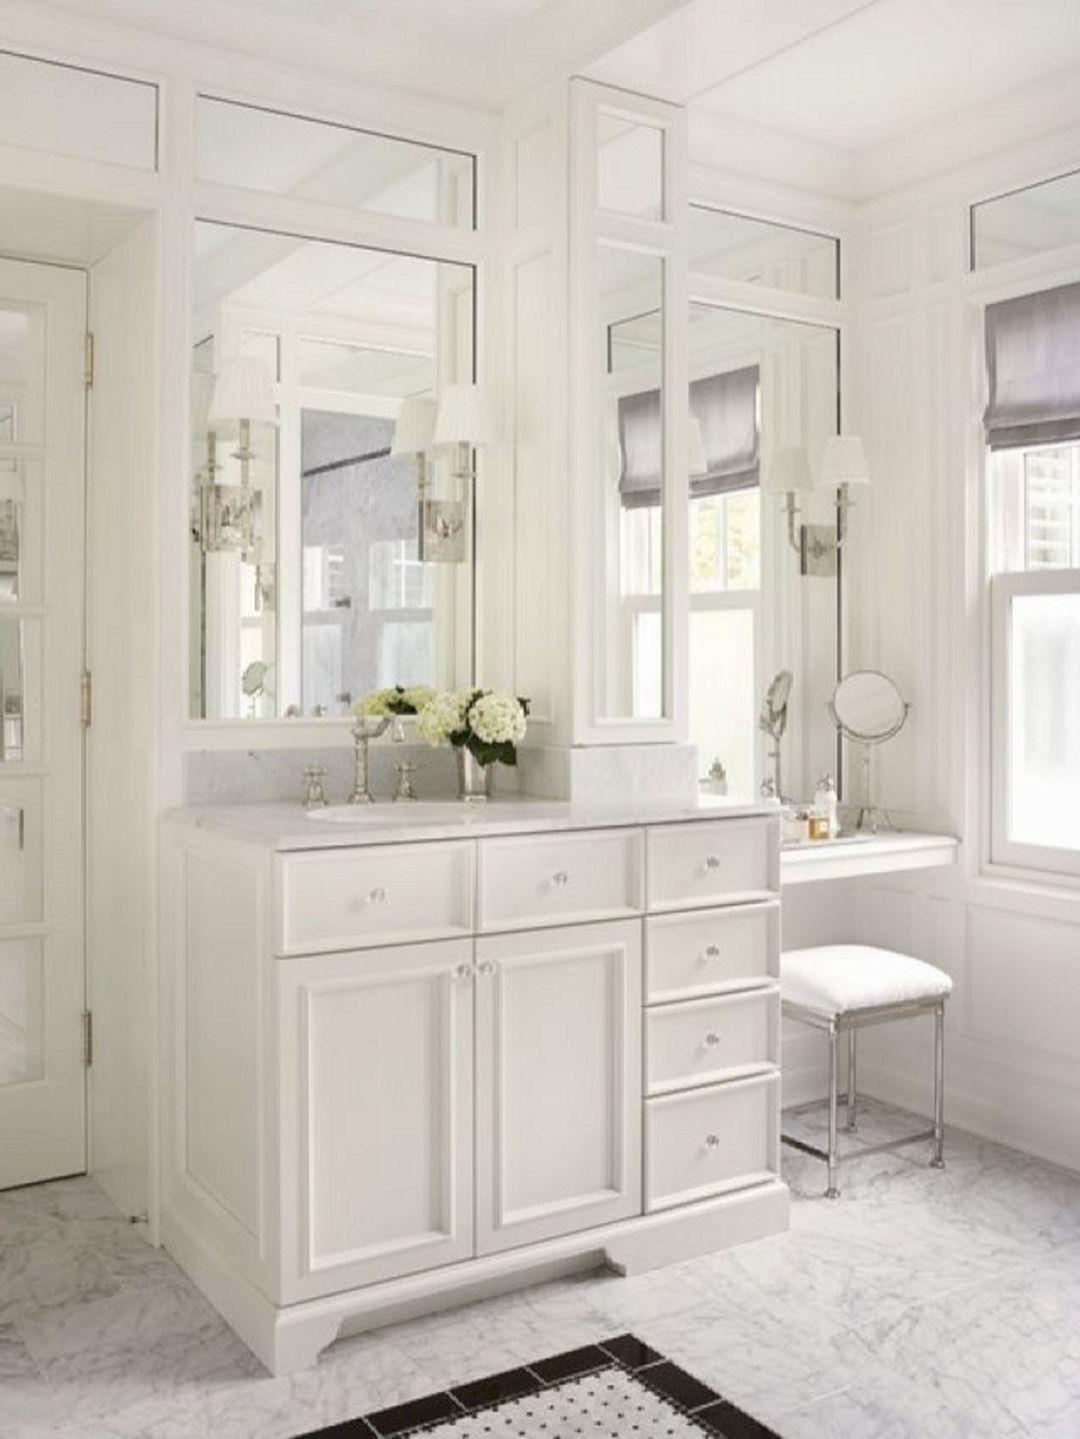 36 unique makeup vanities for bathrooms in 2020 with